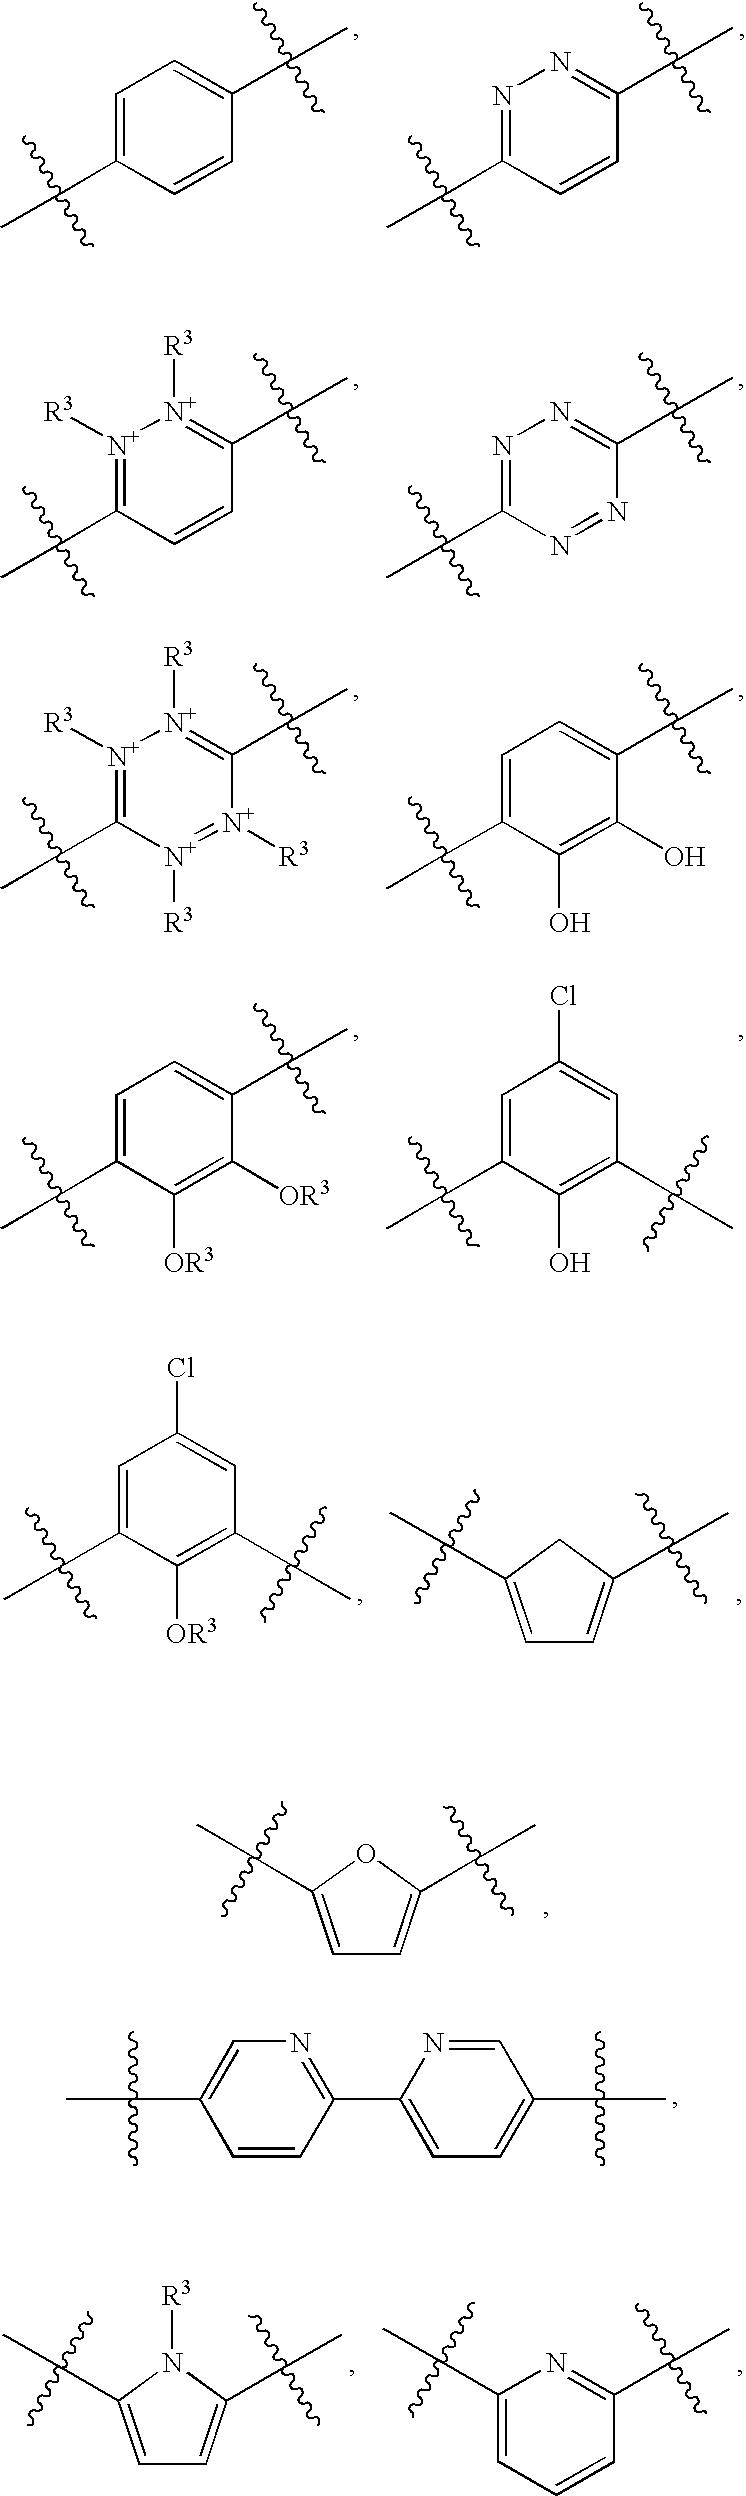 Figure US20090074833A1-20090319-C00008